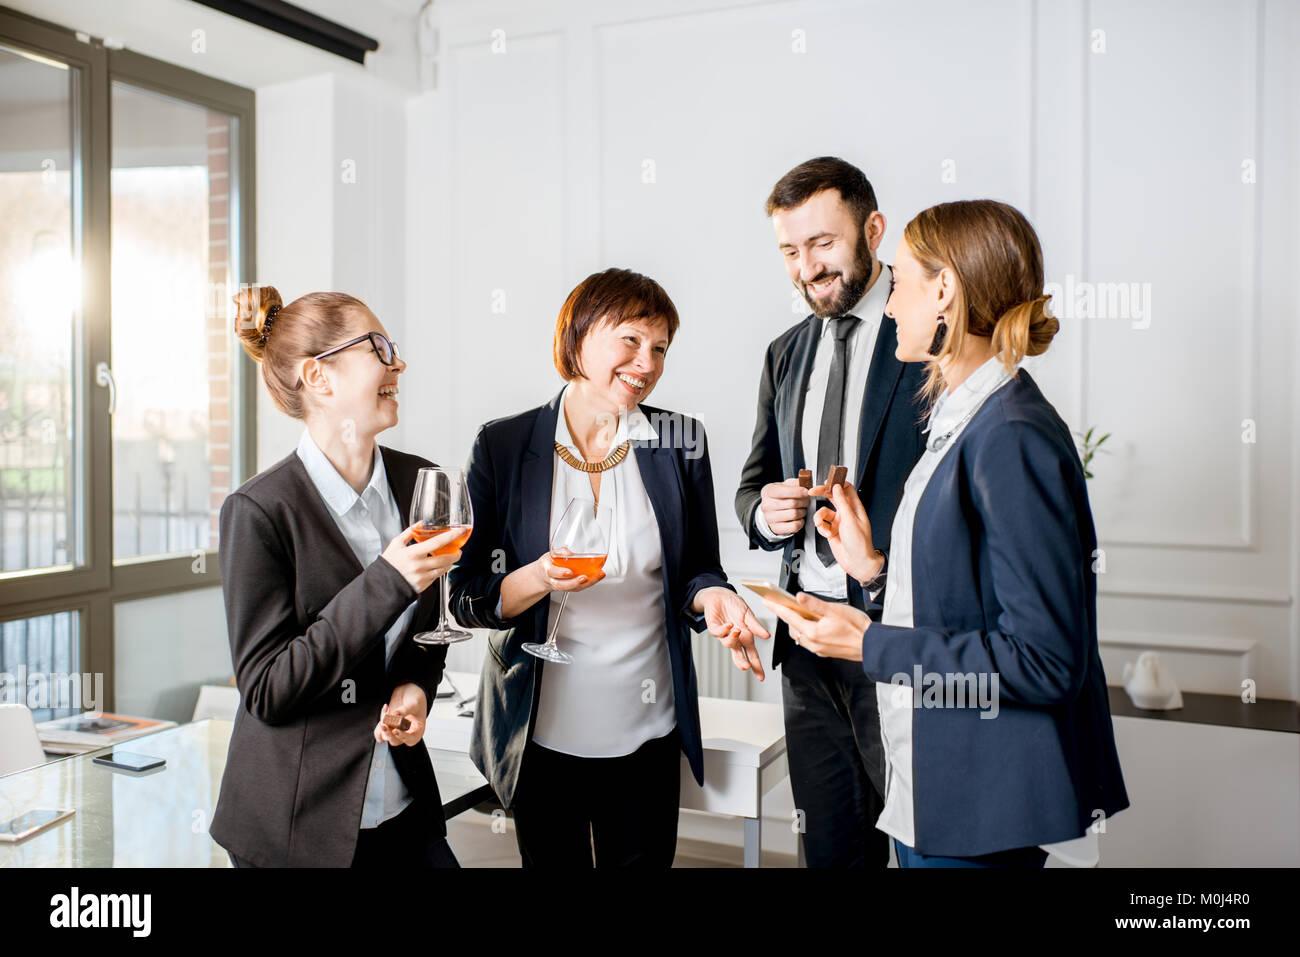 La gente di affari durante la riunione con bevande in ufficio Immagini Stock